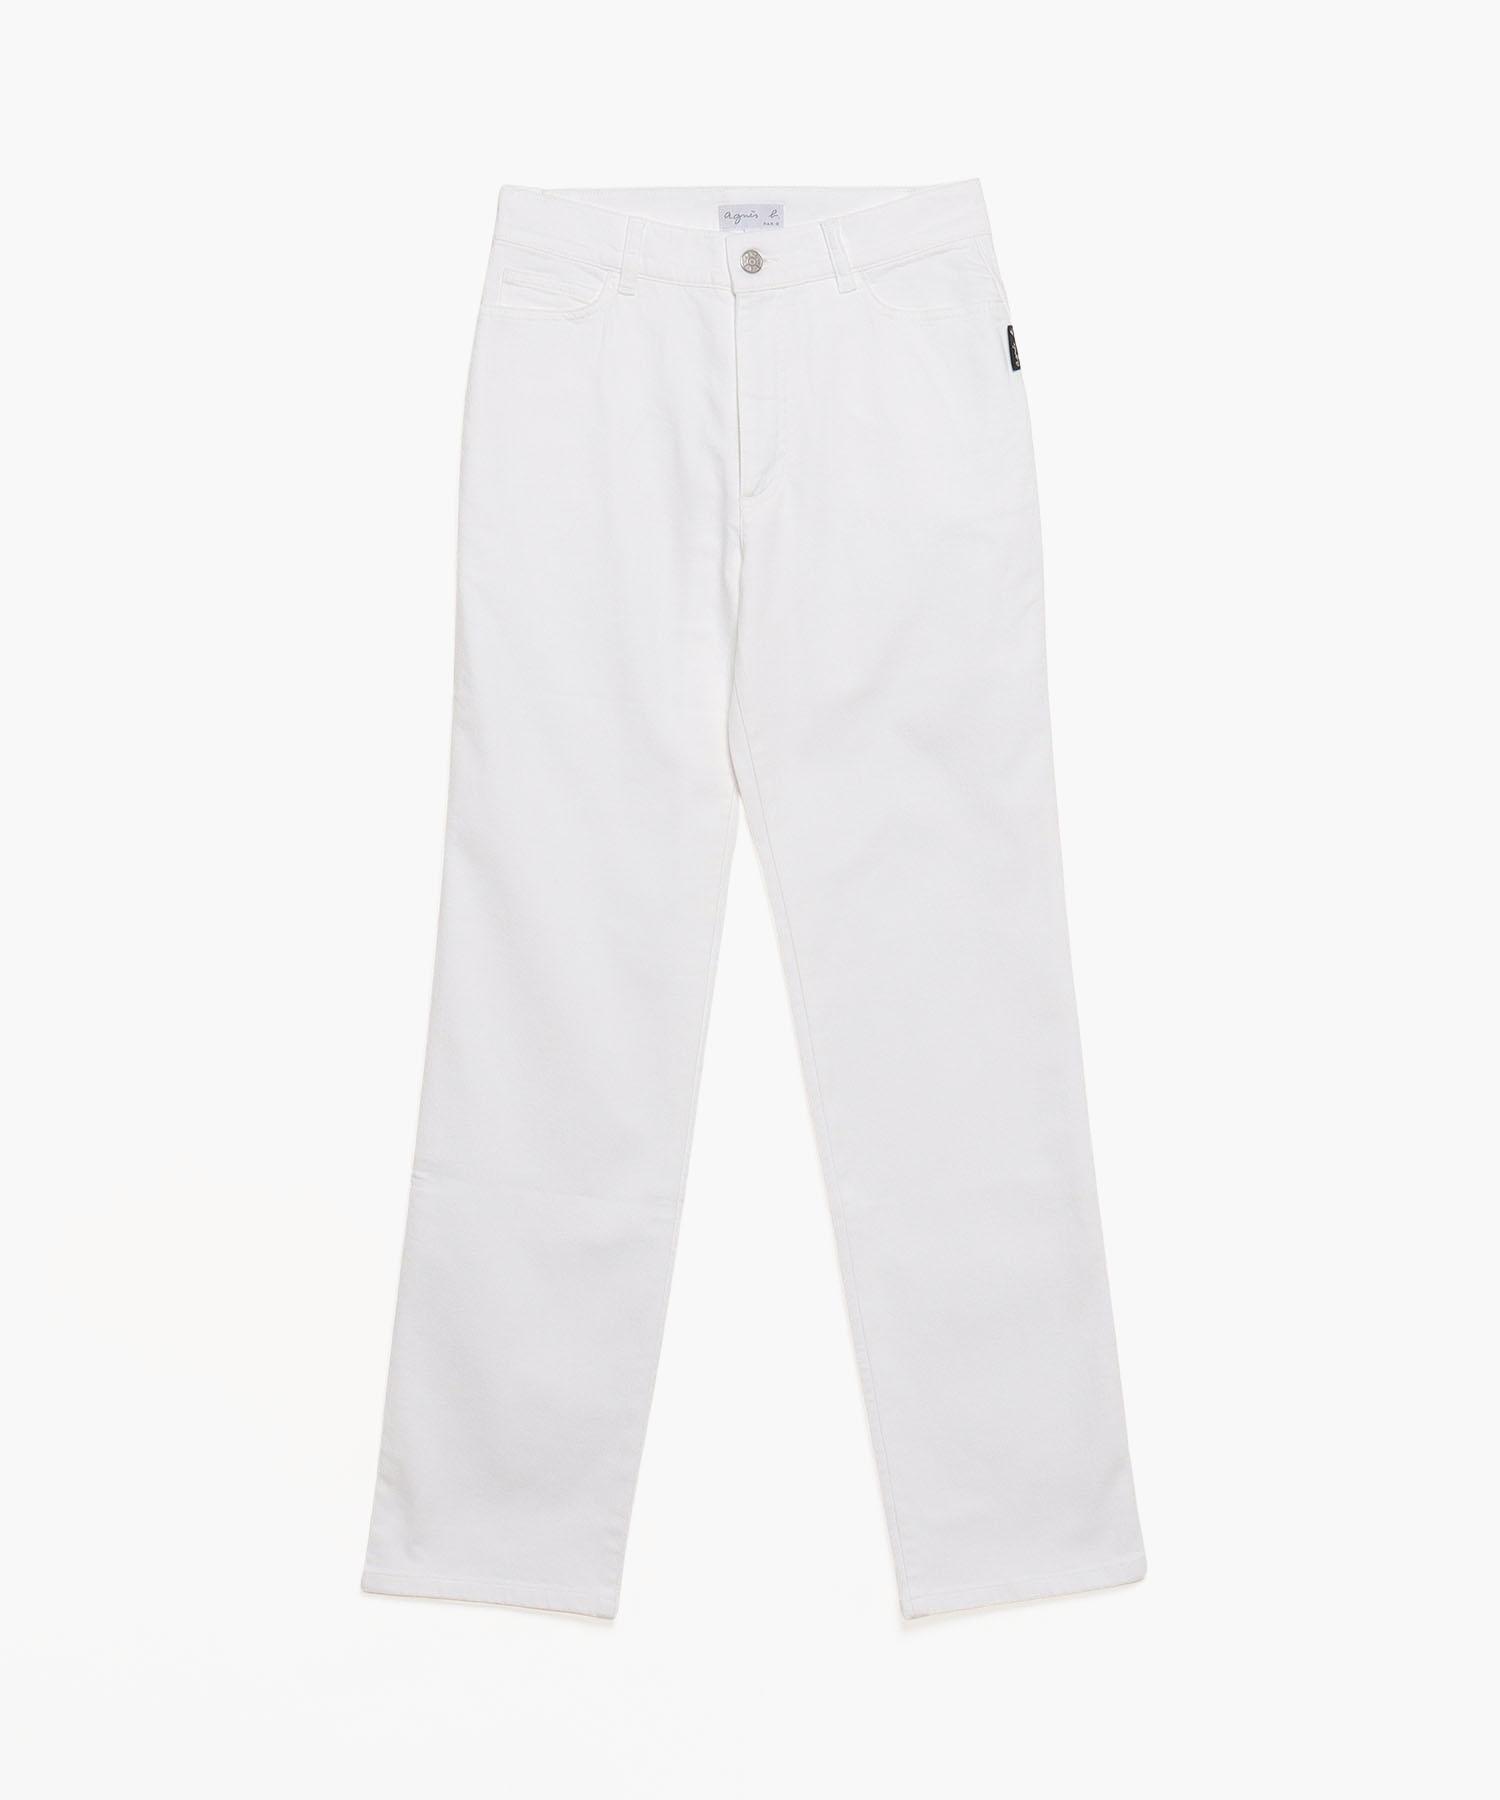 UAL5 JEANS ホワイトジーンズ レギュラー